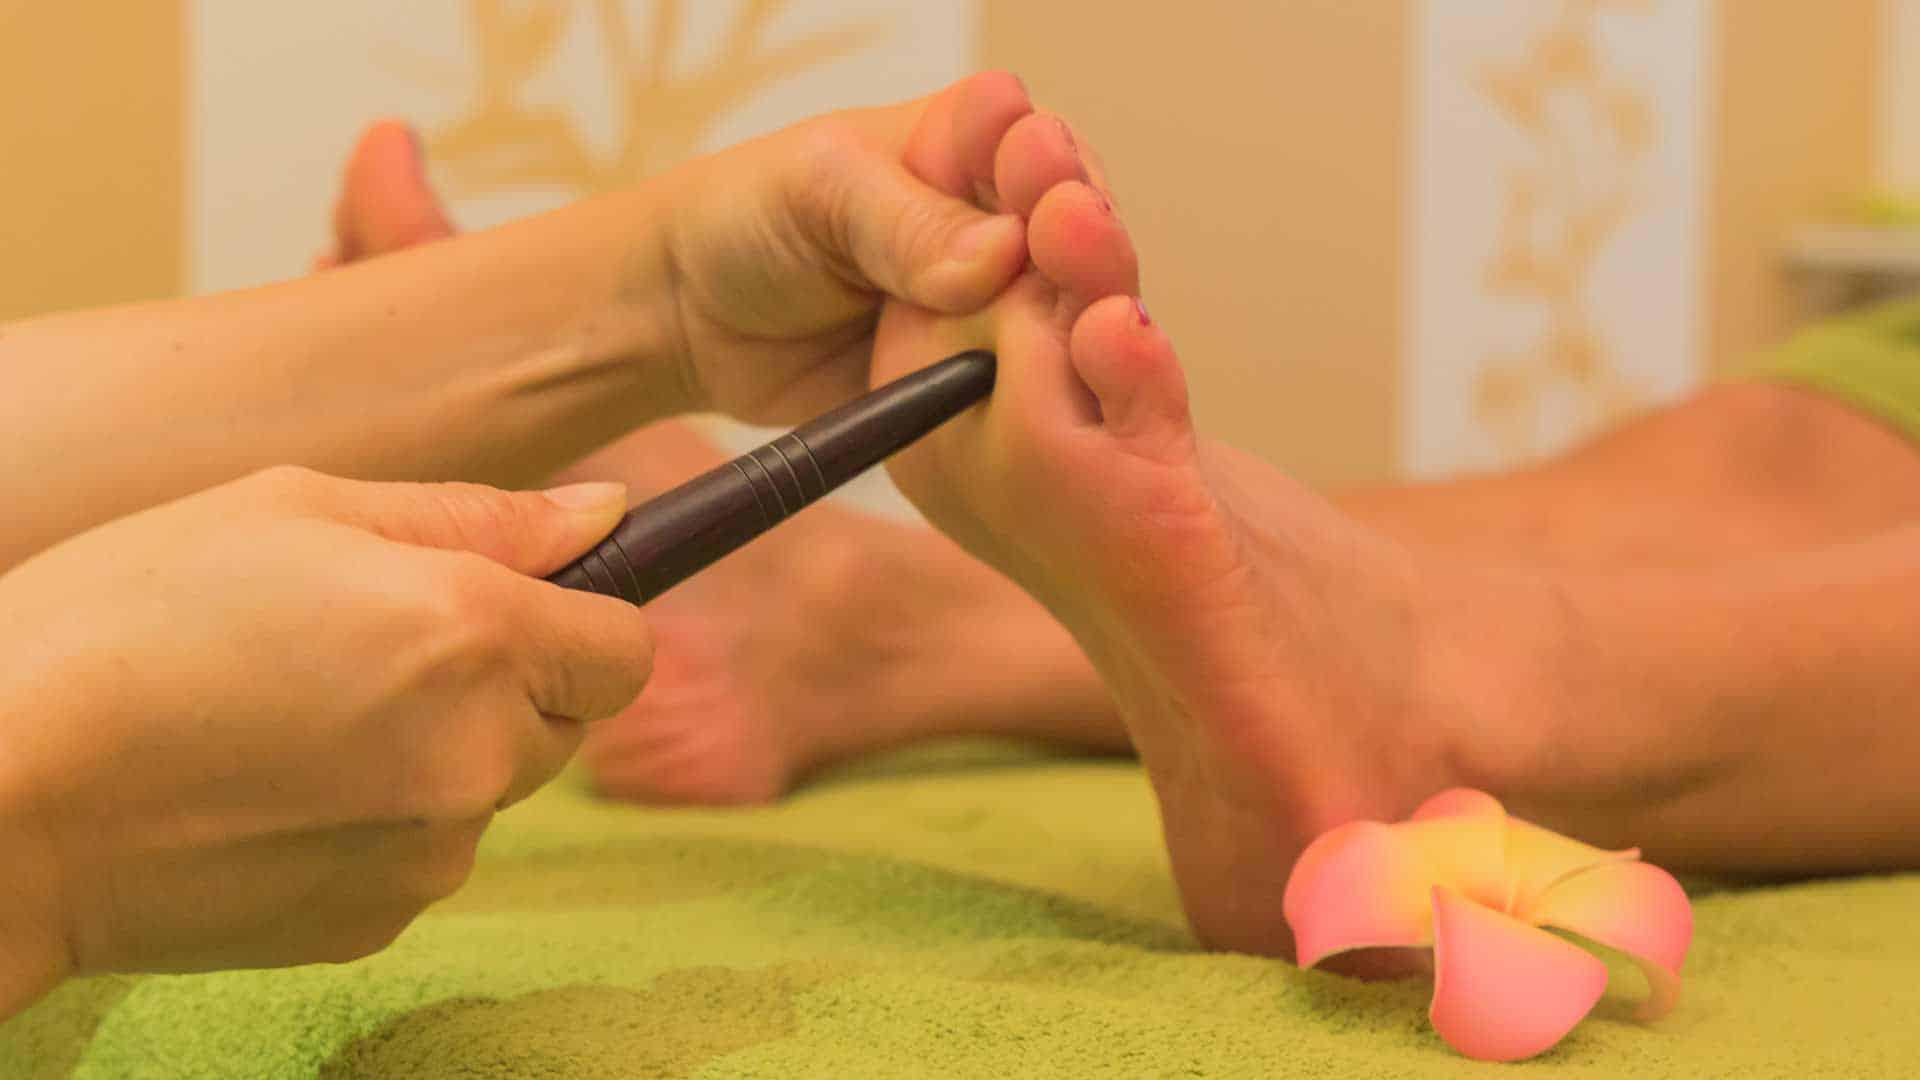 Während der Fußmassage wird der Fuß mit dem Massage-Stick an der Sohle massiert.